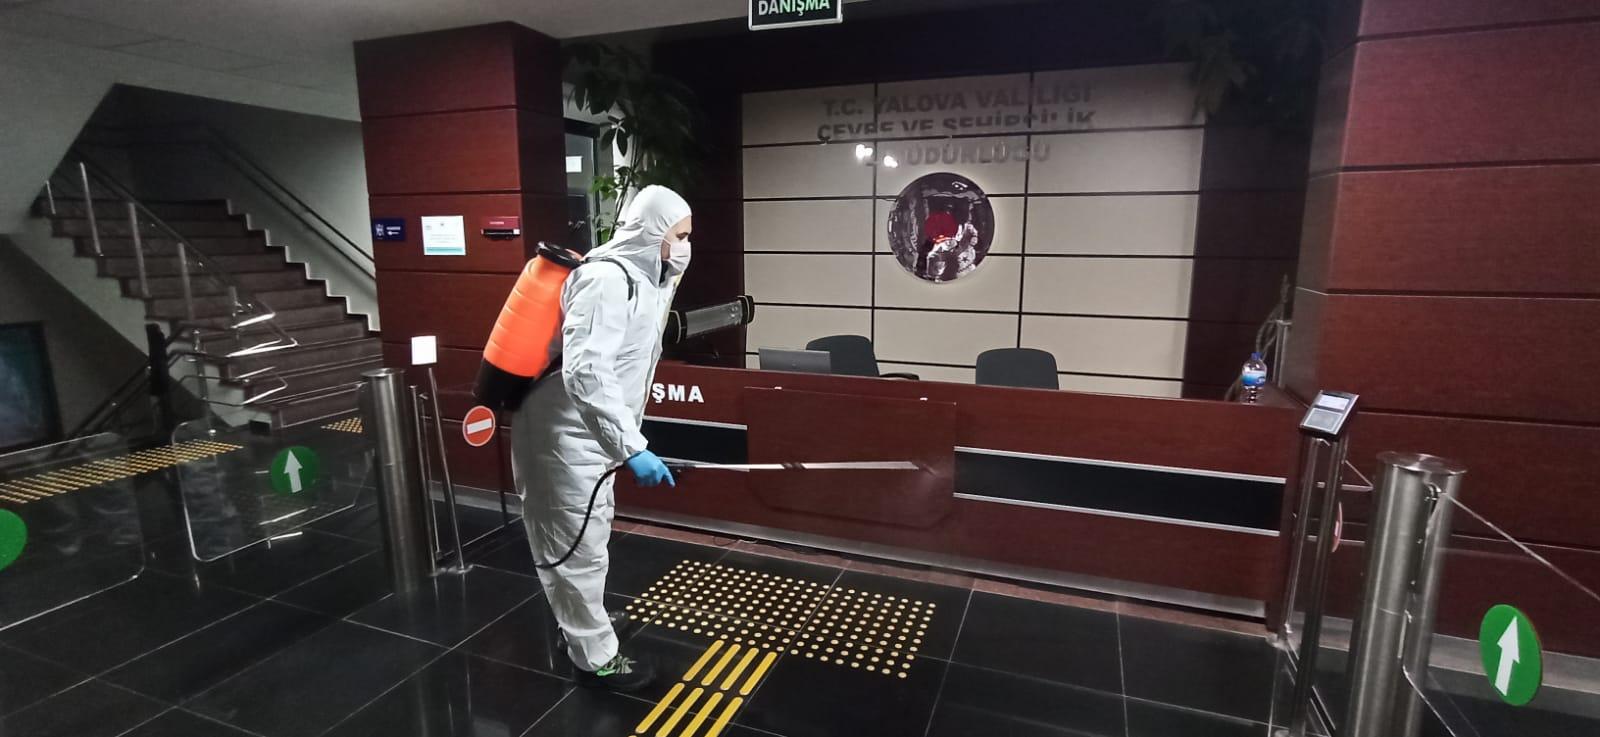 Hizmet Binamızda Covid-19 Sebebiyle Dezenfekte ve Hijyen Uygulaması Yapıldı